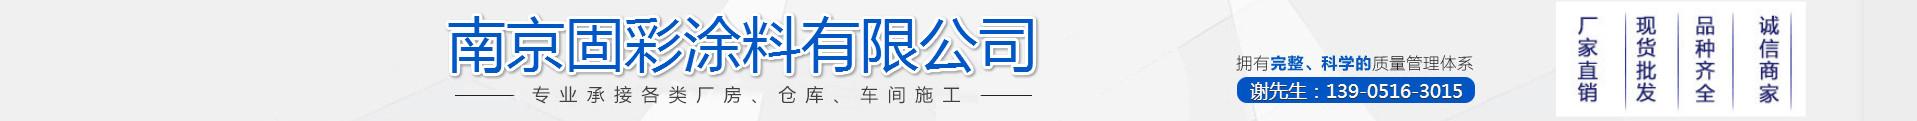 南京固彩涂料有限公司